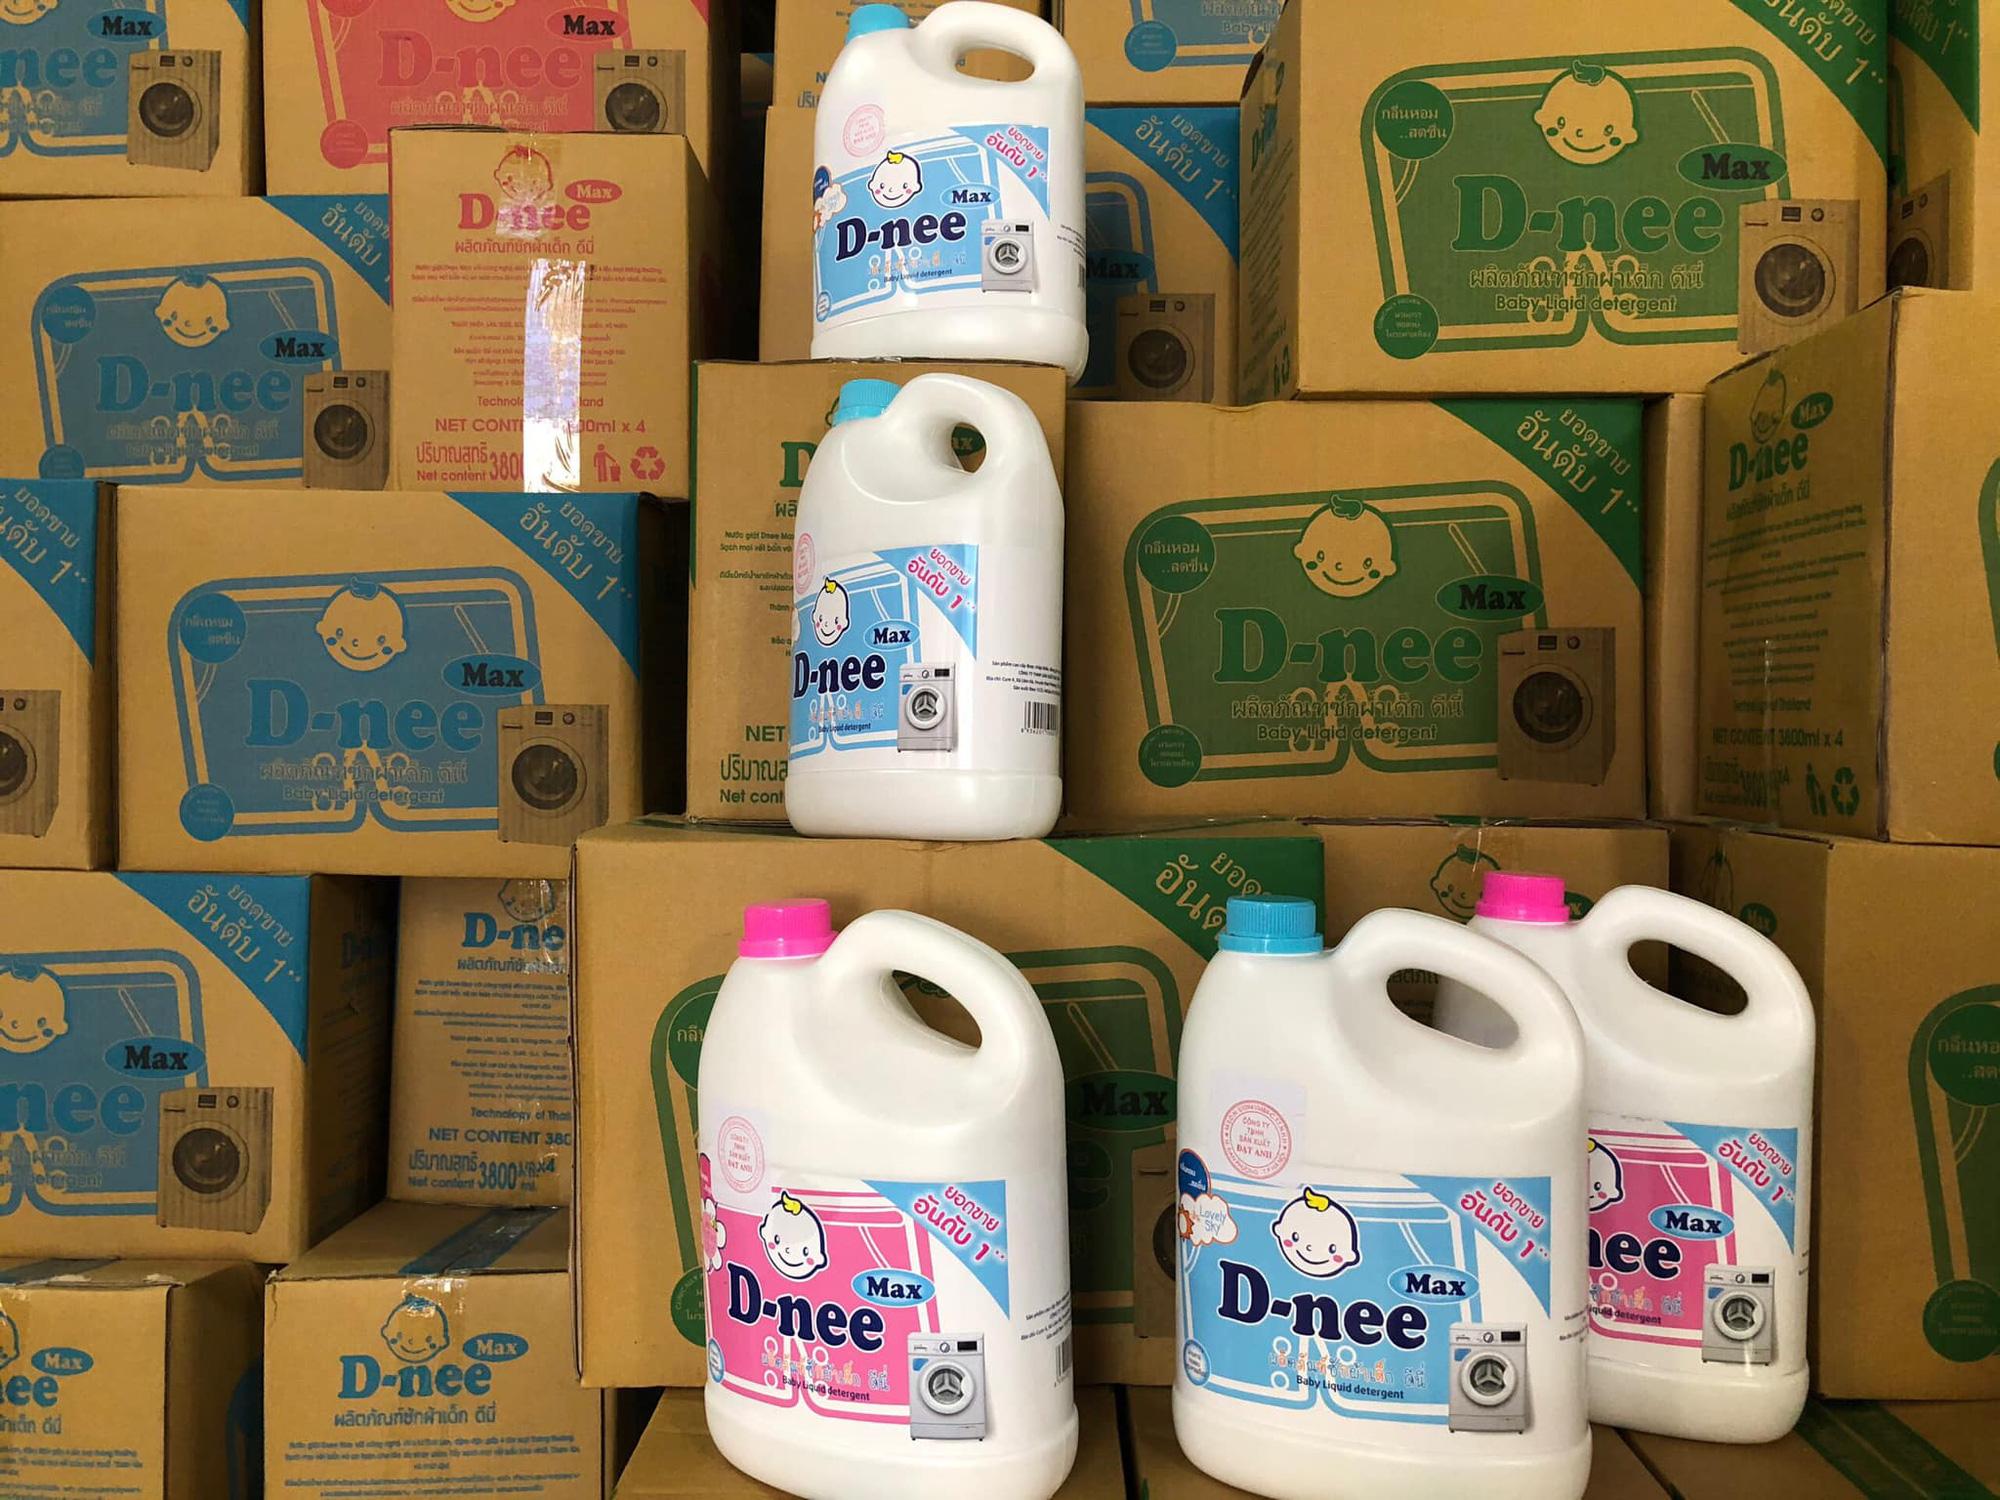 Hà Nội: Triệt phá cơ sở sản xuất nước giặt giả mạo nhãn hiệu - Ảnh 1.